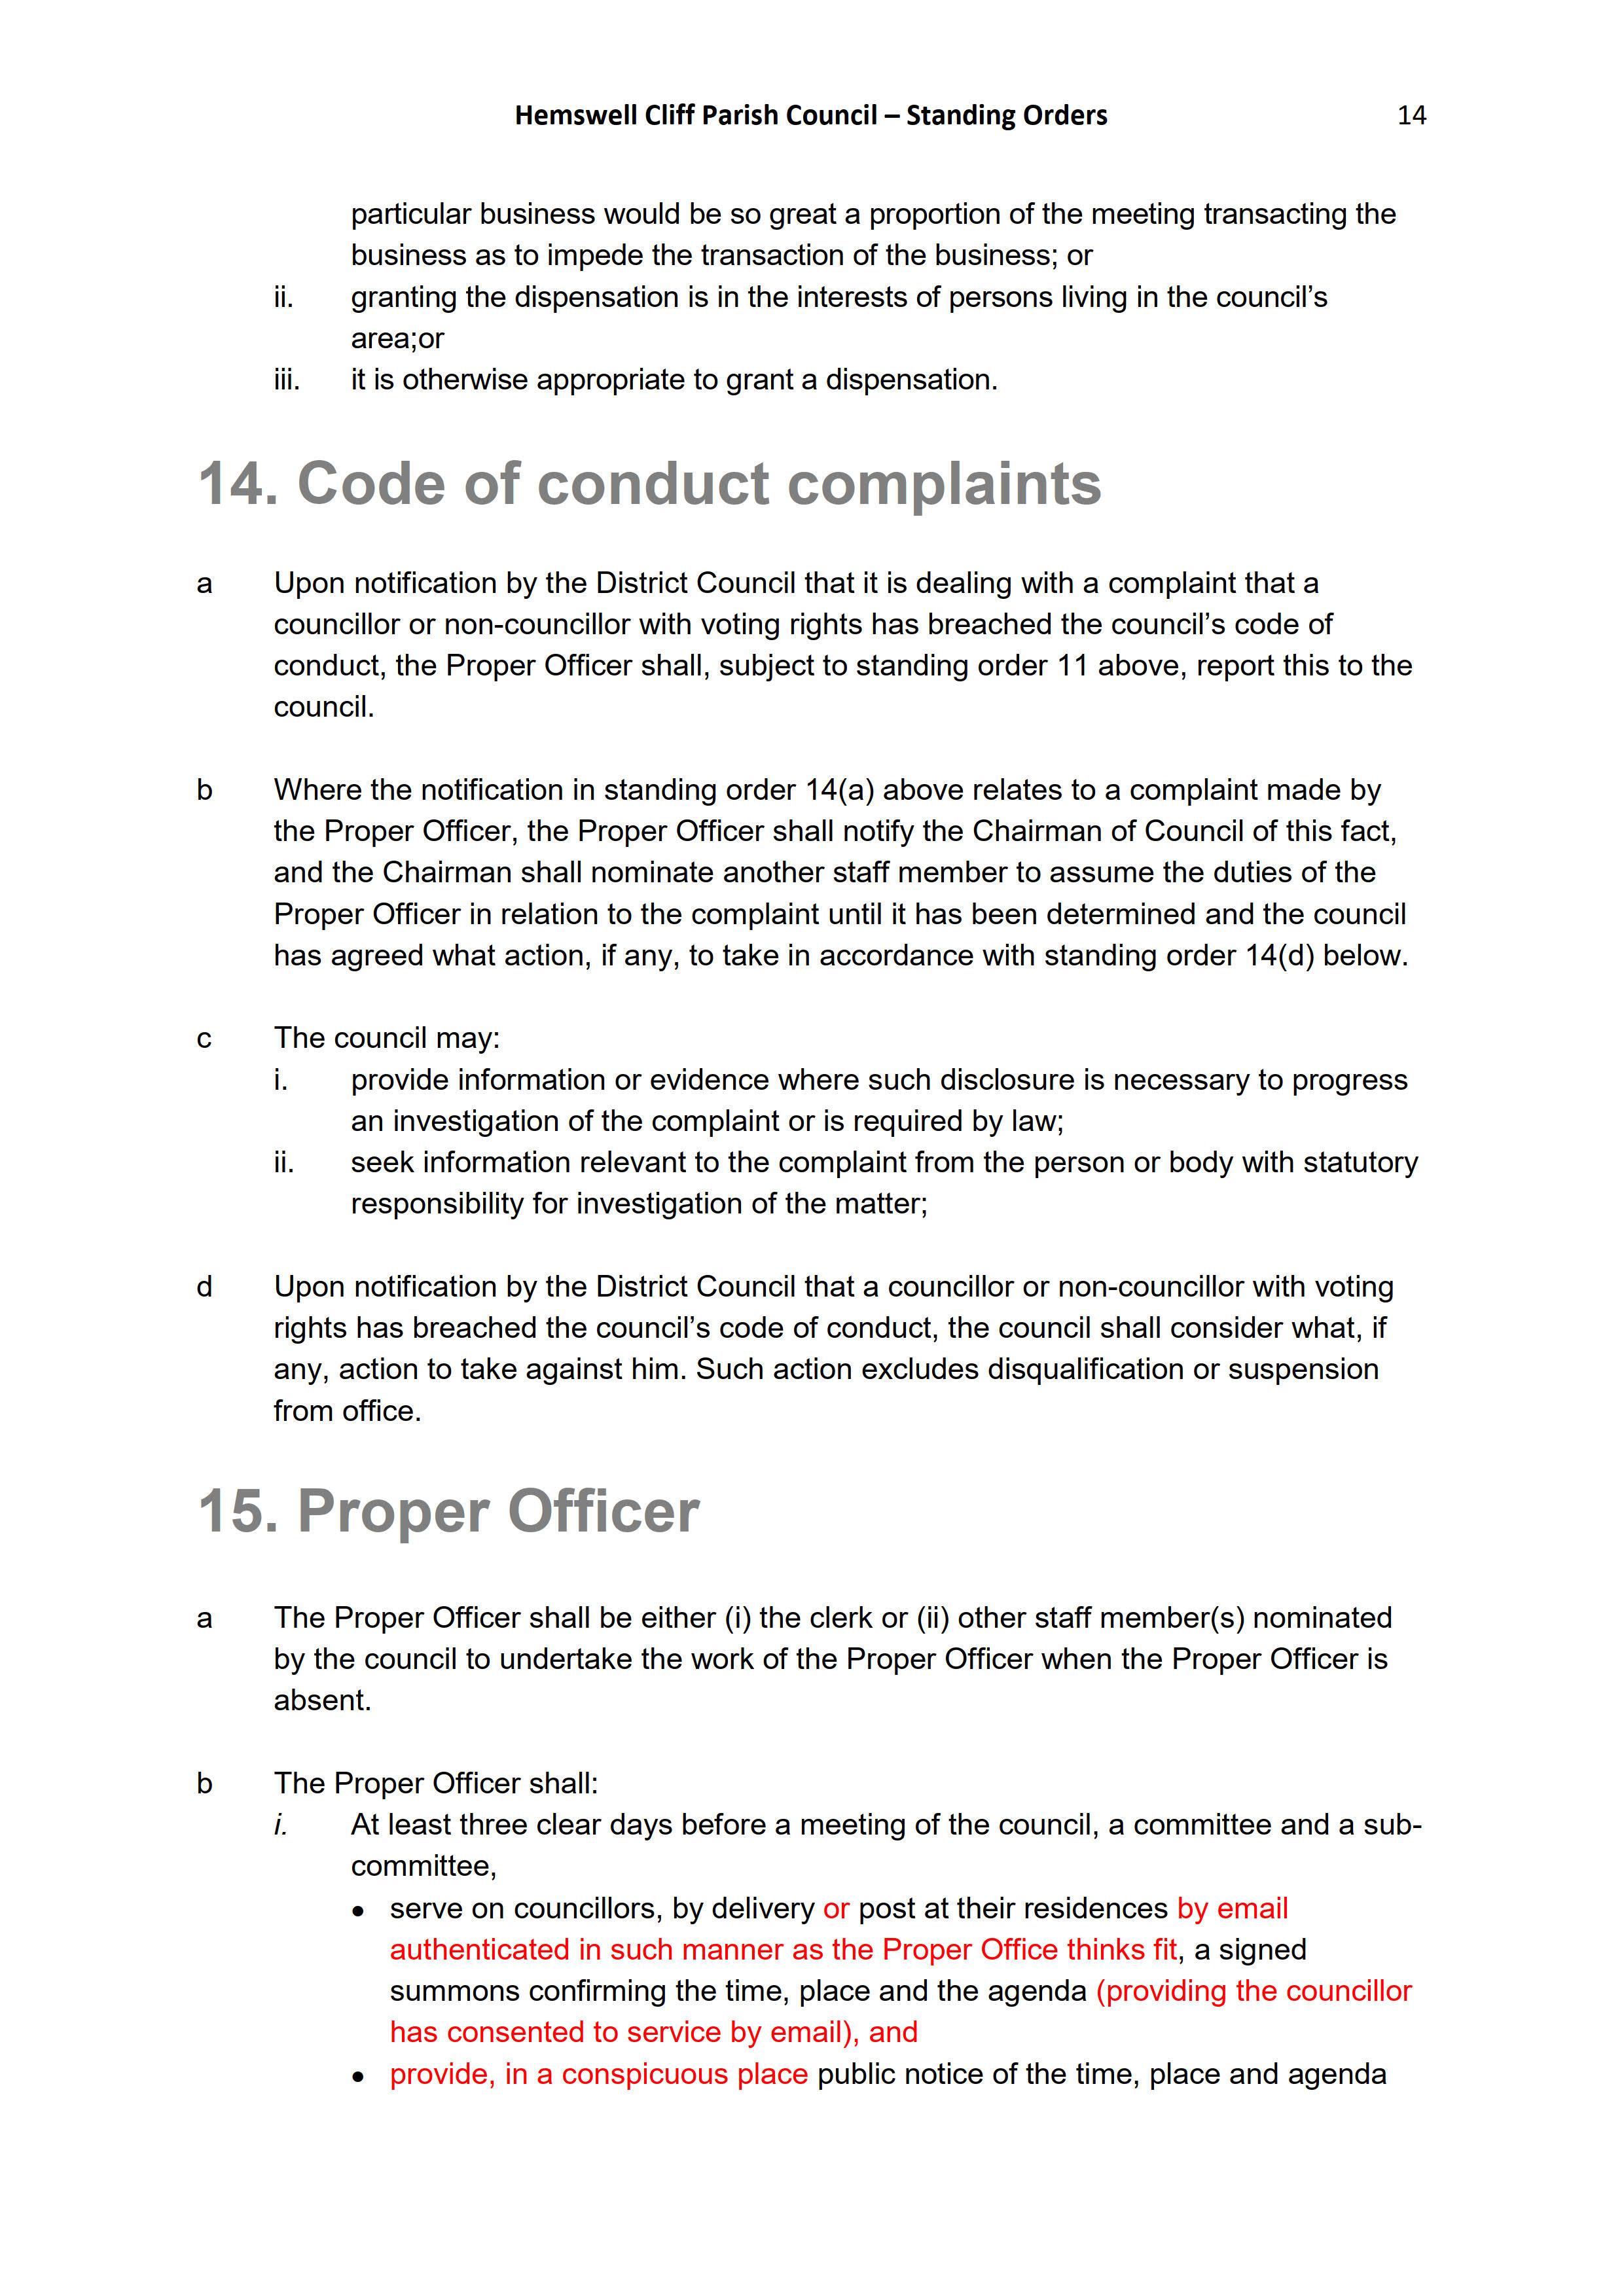 Item_14_2021HCPC.Standing_Orders_14.jpg